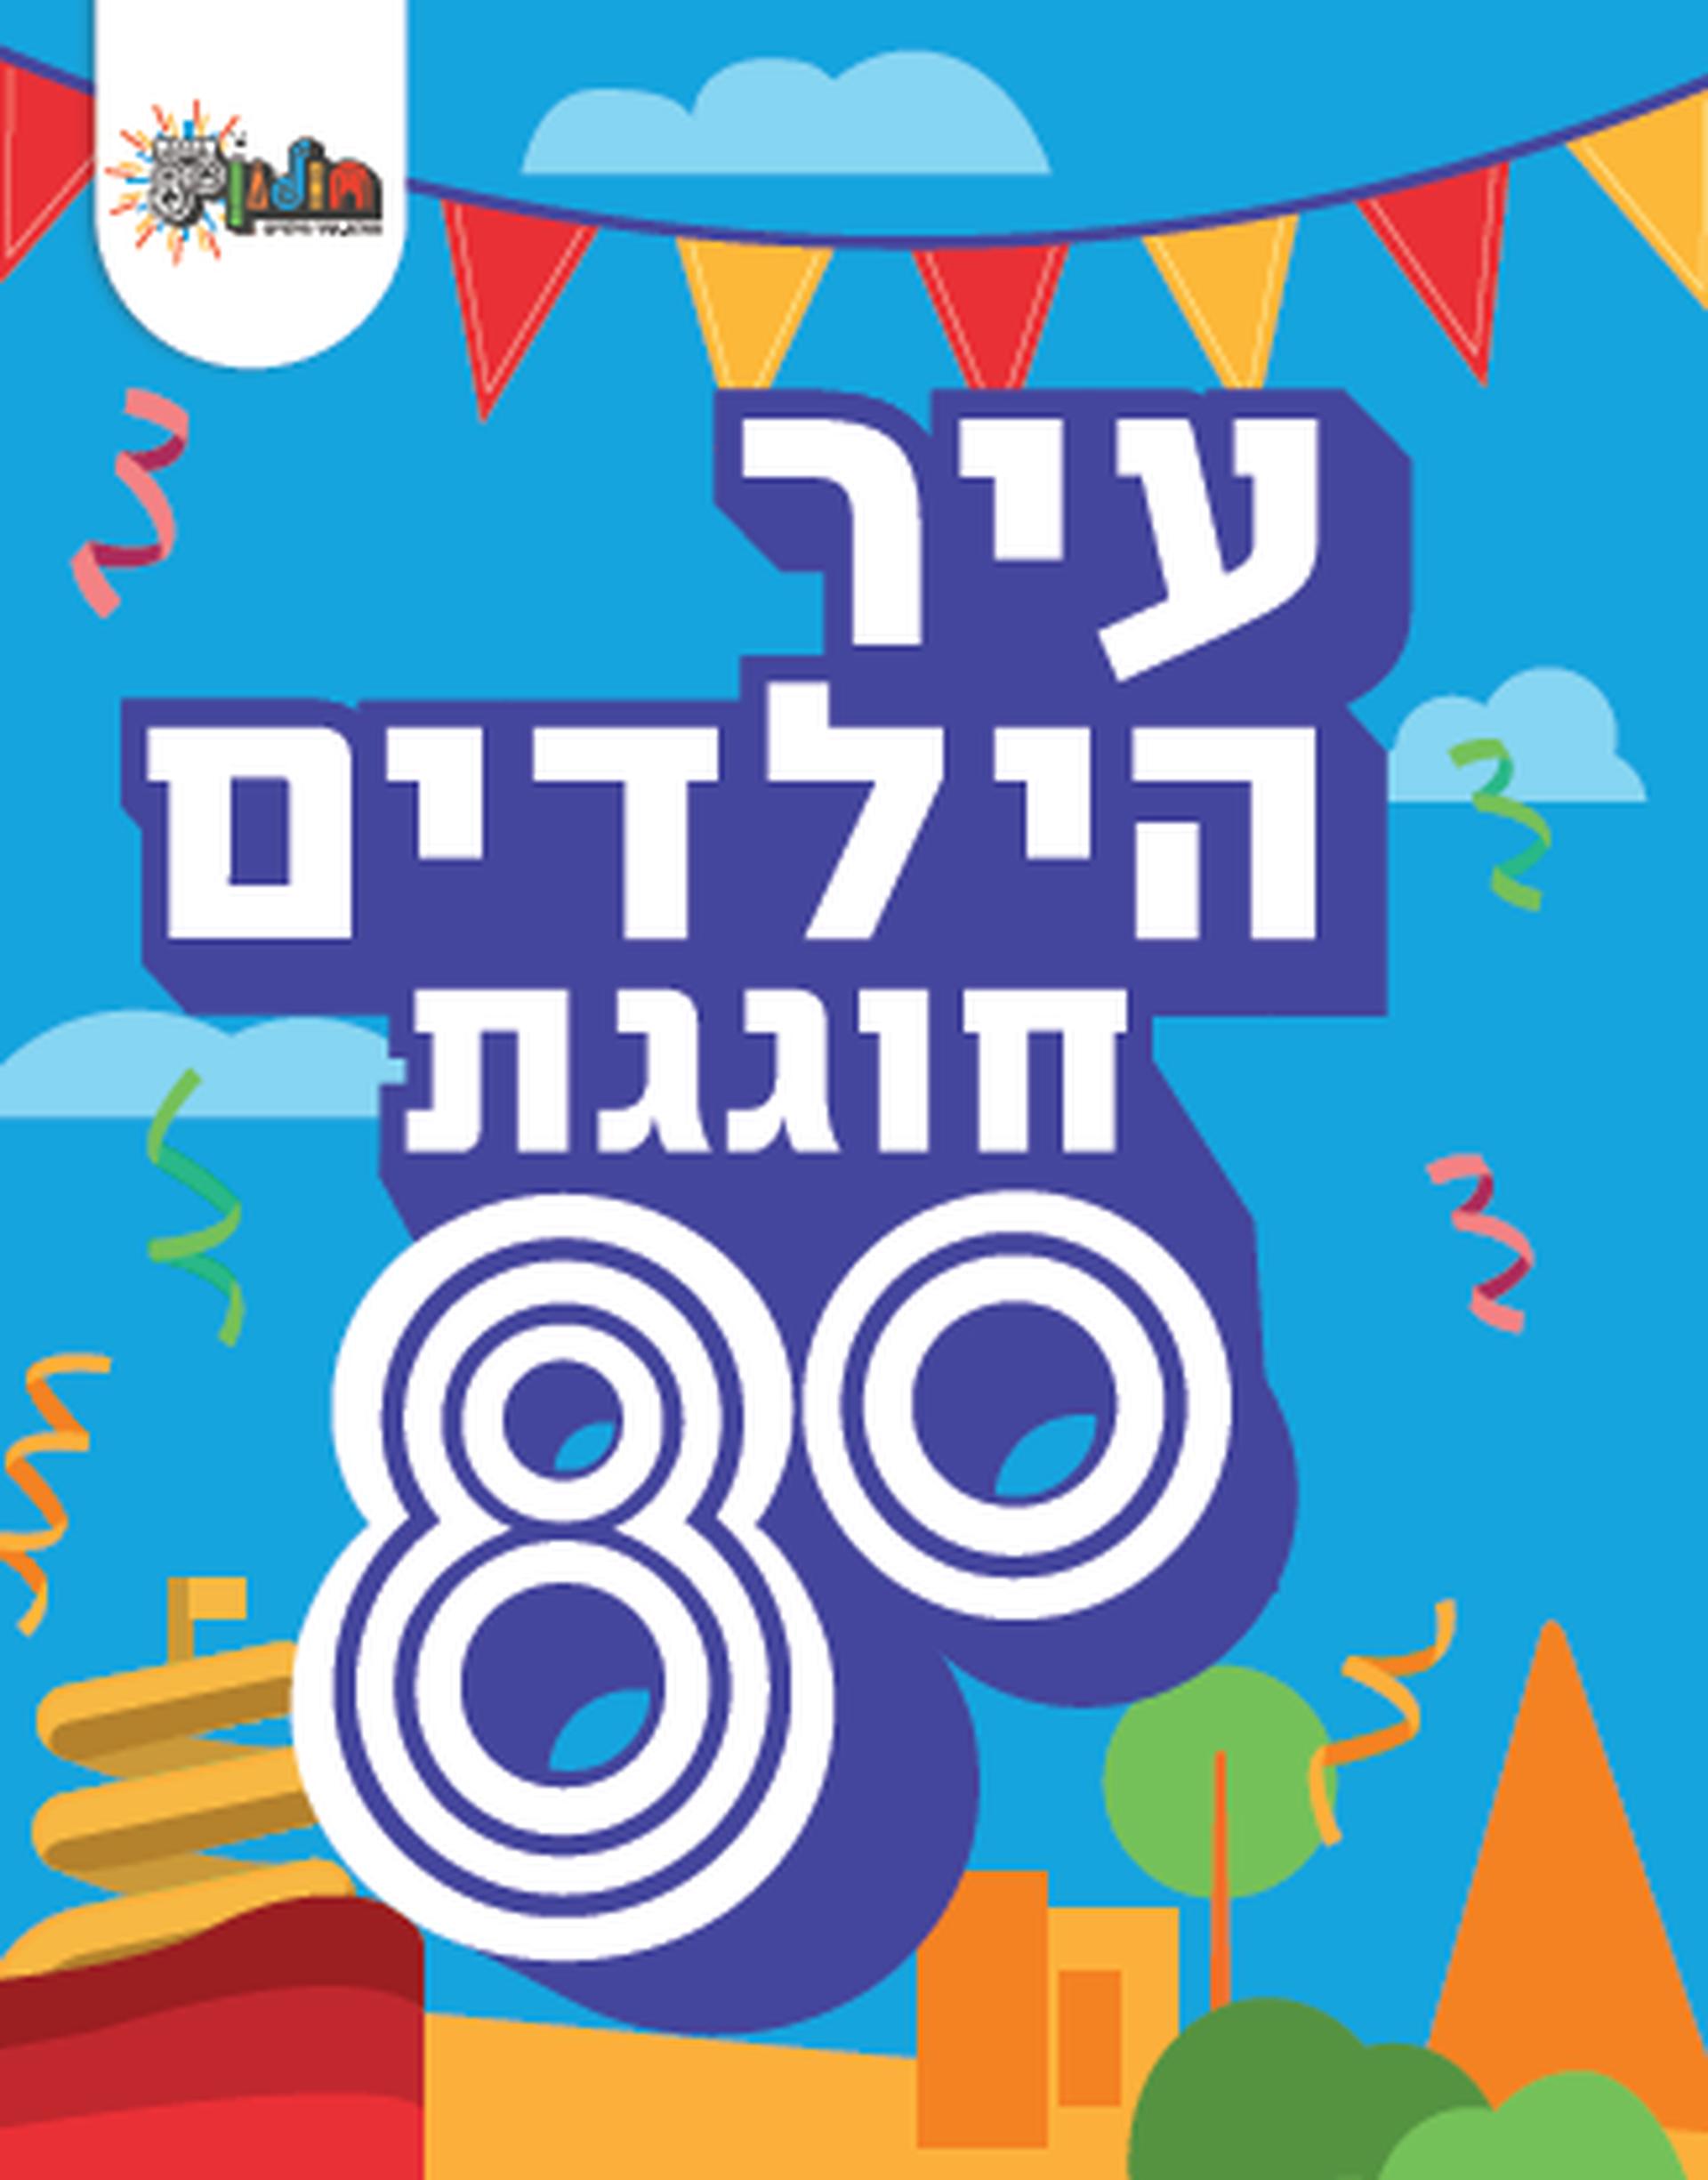 הלוגו החדש שילווה את החגיגות - באדיבות עיריית חולון